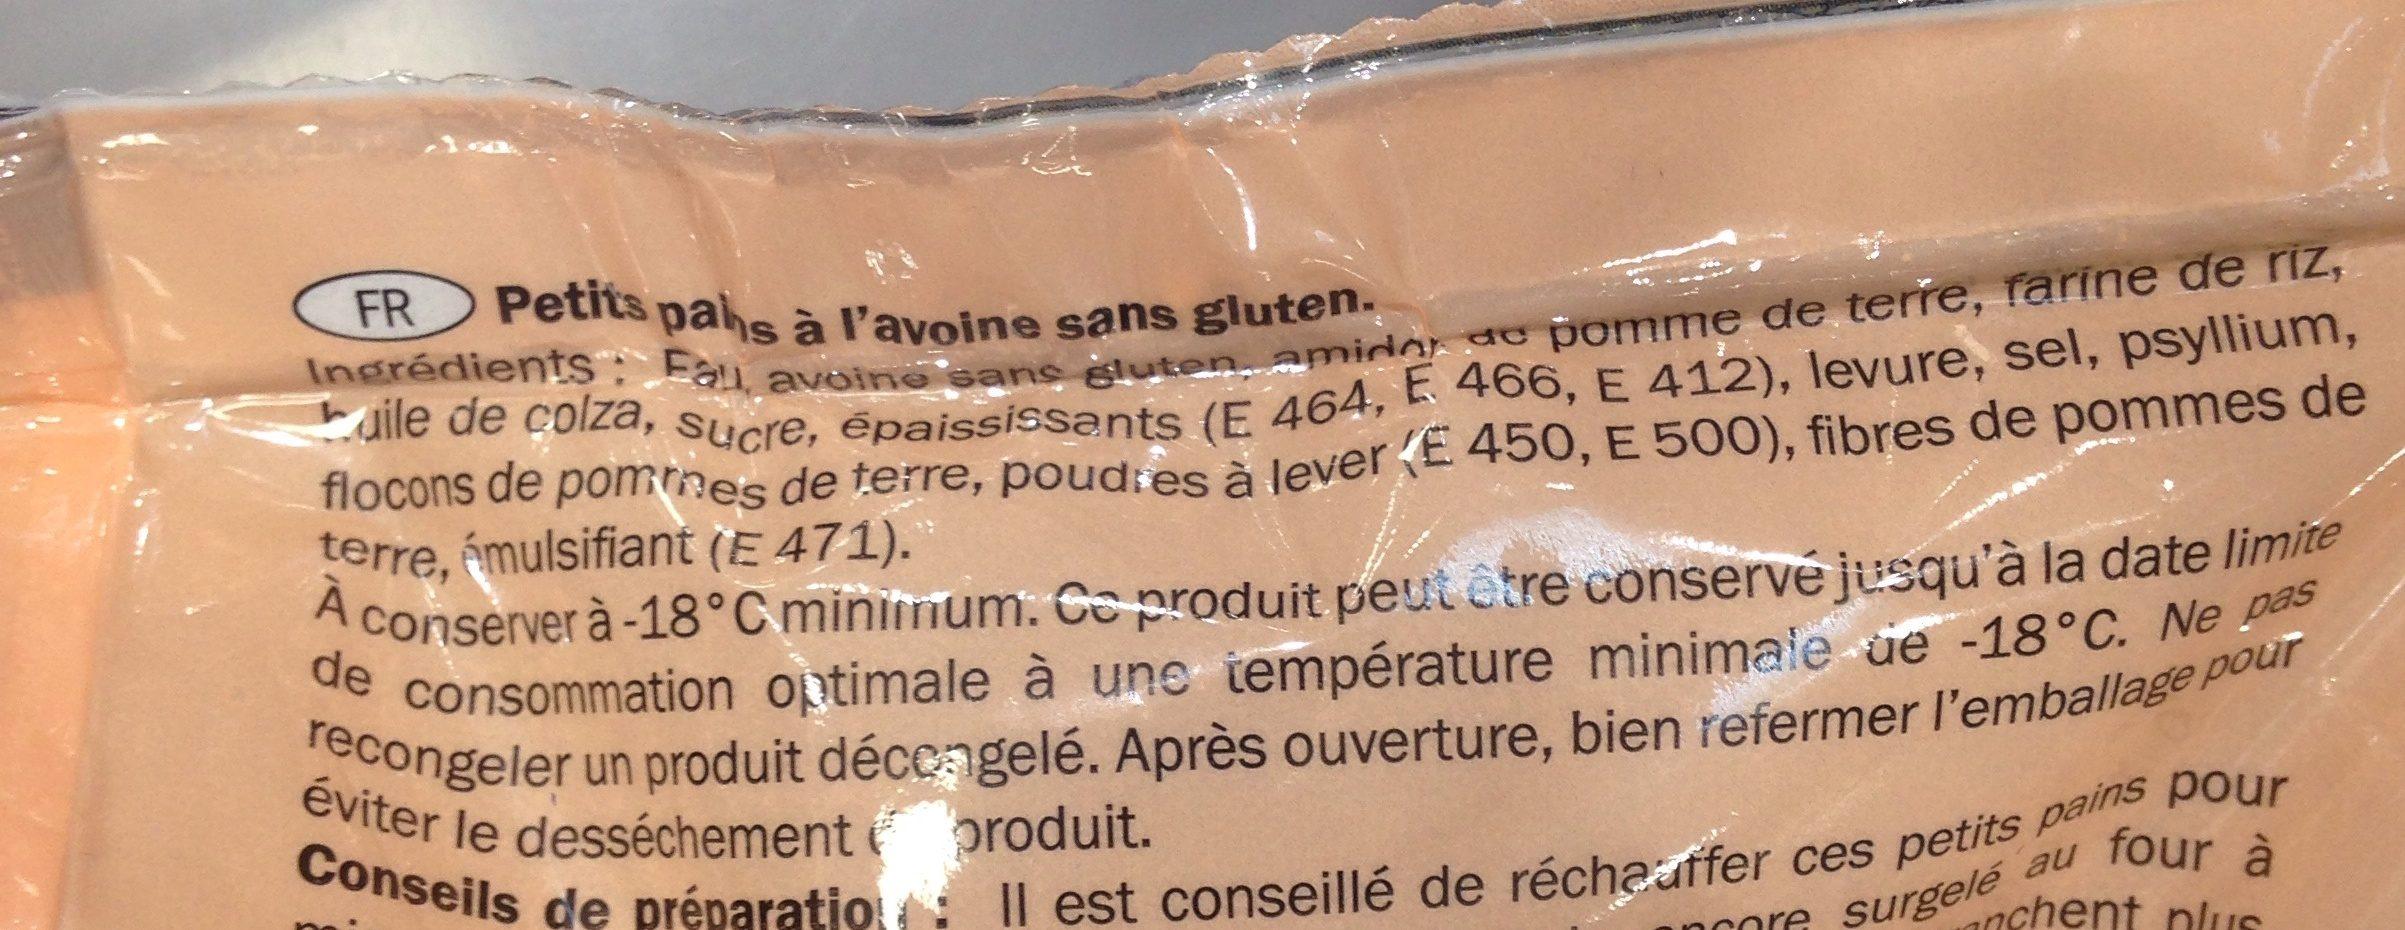 Oat rolls - Ingrediënten - fr